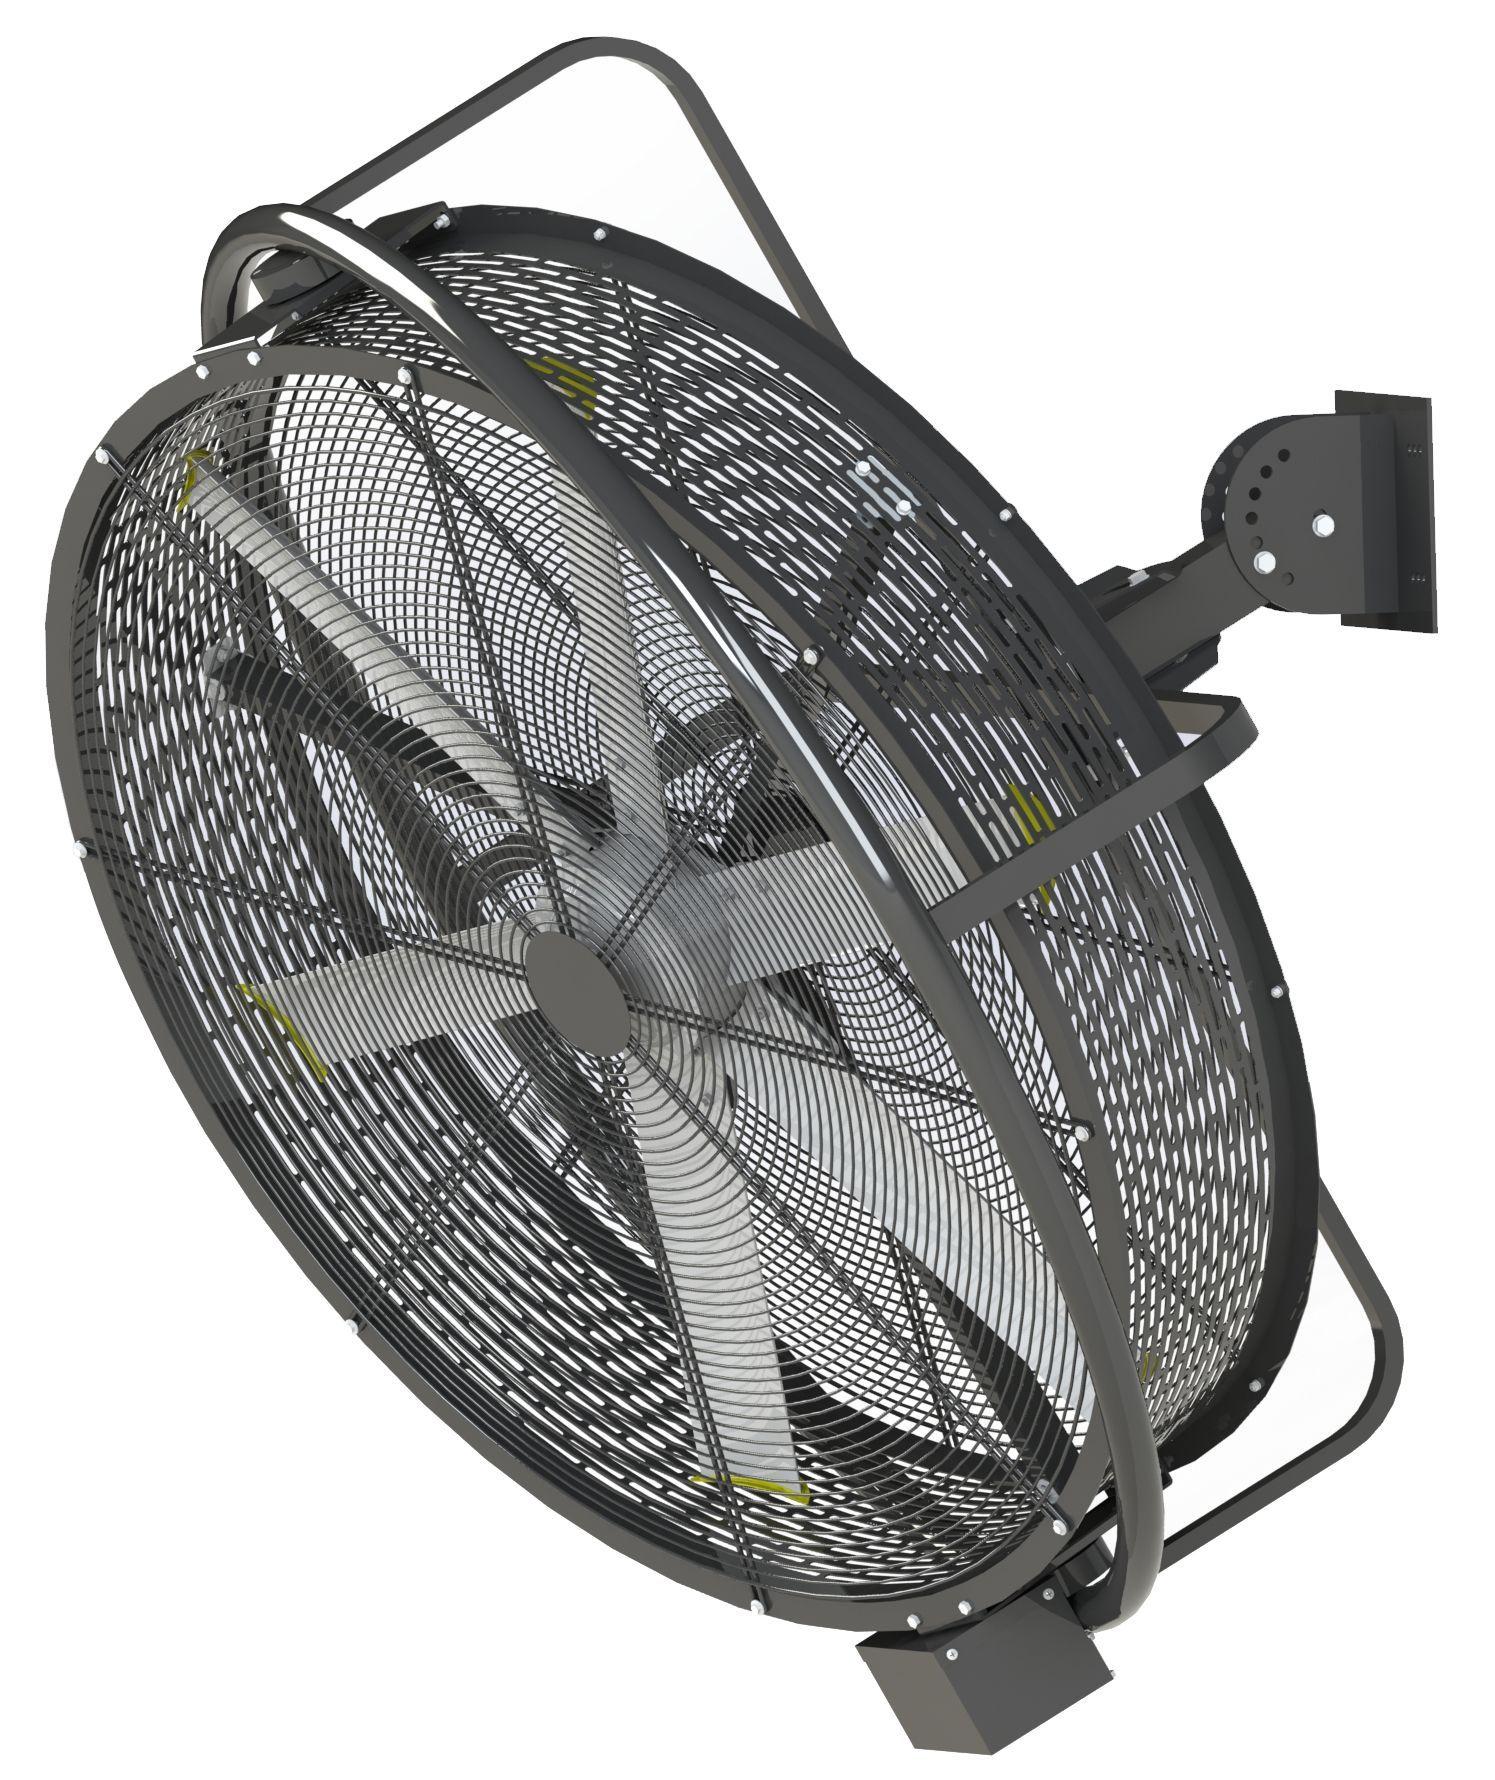 pivoting fan